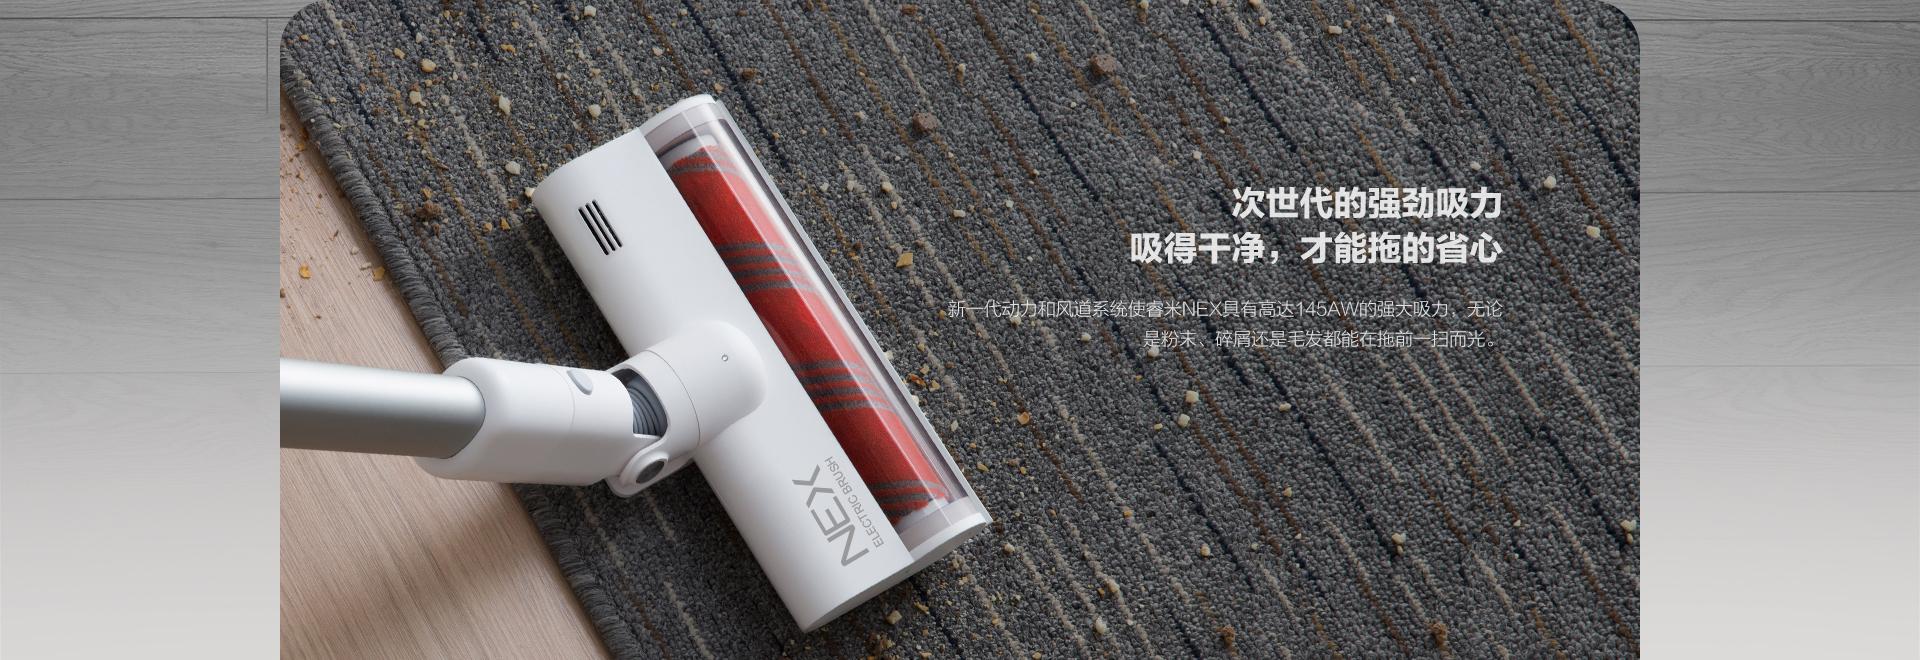 睿米手持无线吸尘器有自身设计上的优势